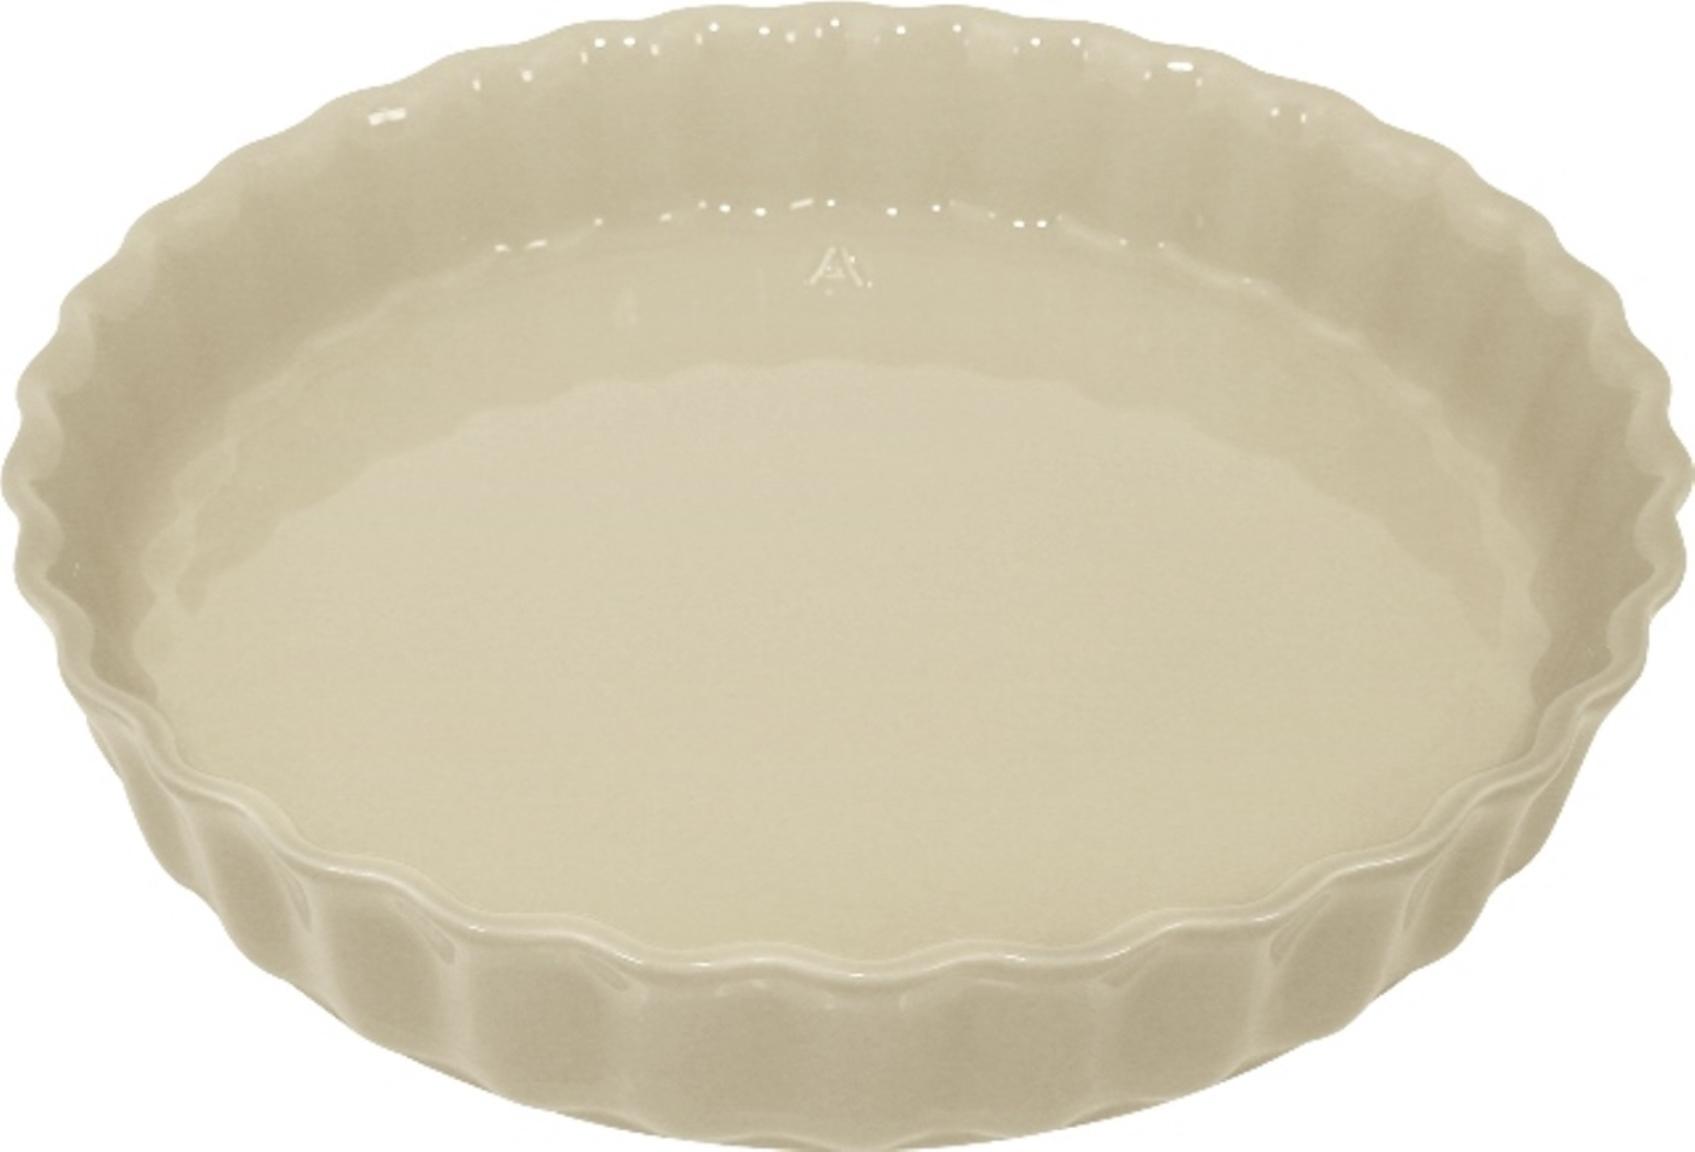 Форма для пирога 28 см Appolia Delices CREAM 11028006Формы для запекания (выпечки)<br>Форма для пирога 28 см Appolia Delices CREAM 11028006<br><br>Благодаря большому разнообразию изящных форм и широкой цветовой гамме, коллекция DELICES предлагает всевозможные варианты приготовления блюд для себя и гостей. Выбирайте цвета в соответствии с вашими желаниями и вашей кухне. Закругленные углы облегчают чистку. Легко использовать. Большие удобные ручки. Прочная жароустойчивая керамика экологична и изготавливается из высококачественной глины. Прочная глазурь устойчива к растрескиванию и сколам, не содержит свинца и кадмия. Глина обеспечивает медленный и равномерный нагрев, деликатное приготовление с сохранением всех питательных веществ и витаминов, а та же долго сохраняет тепло, что удобно при сервировке горячих блюд.<br>